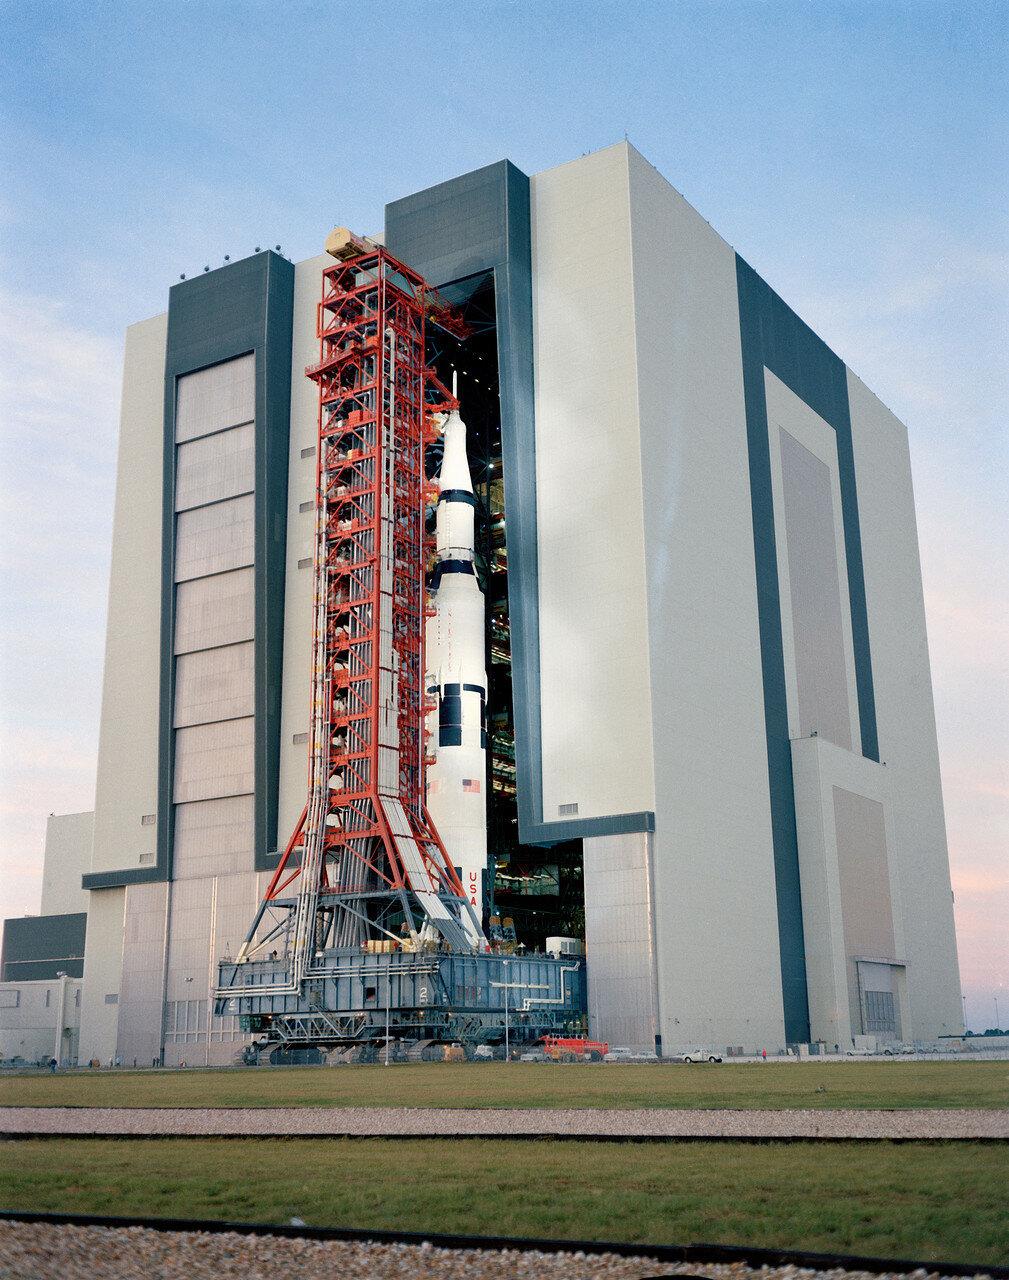 Ракета-носитель с кораблём была вывезена на стартовую площадку 9 ноября 1970 года. В декабре 1970 года были обнаружены неполадки в бортовом компьютере отсека экипажа и в одном из переключателей, а также трещина в сварном шве кислородного бачка.